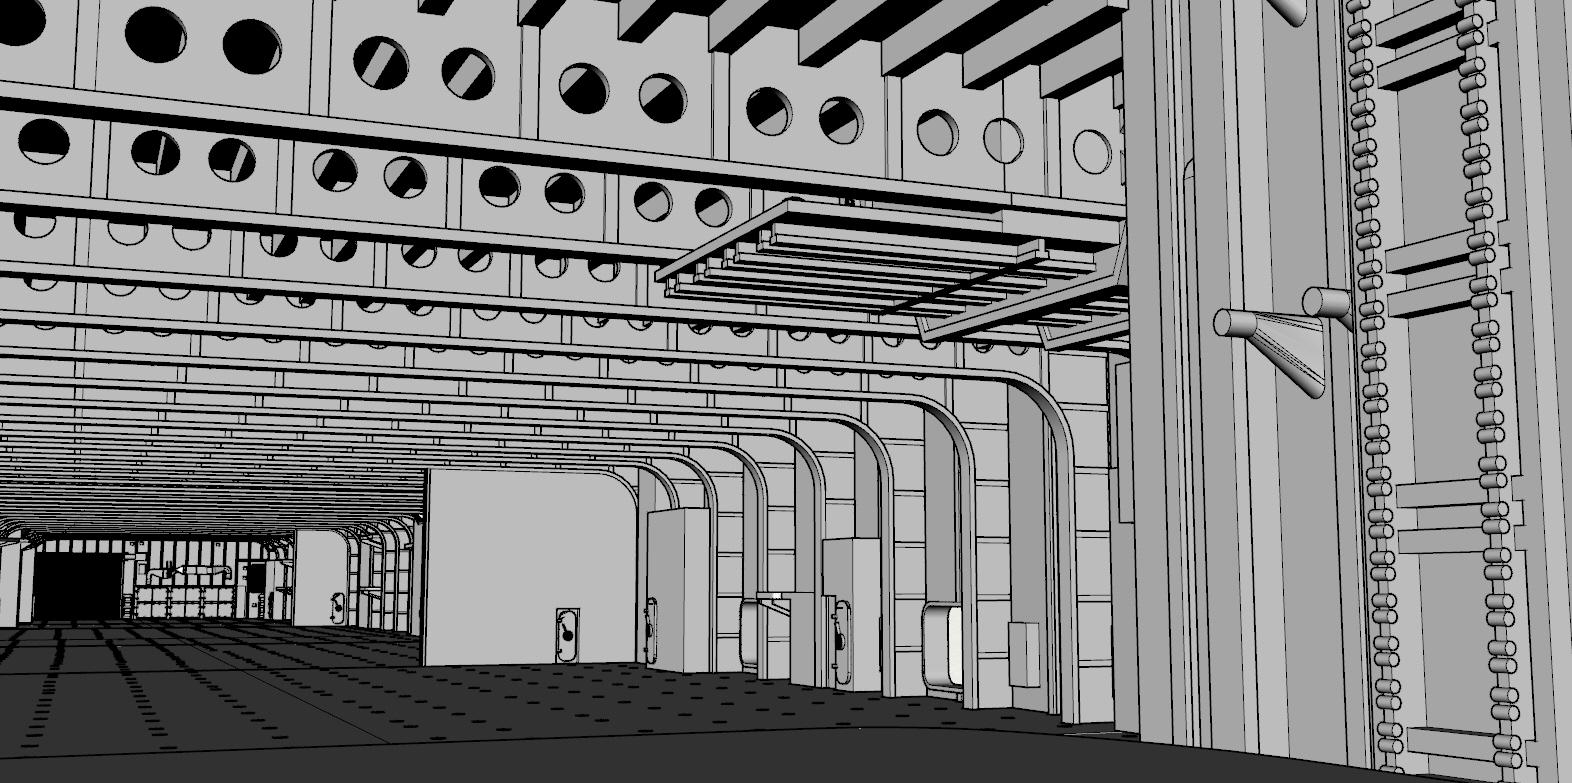 Porte-avions Clemenceau : conception et réalisation d'un kit d'amélioration - Page 2 17081610362623134915225066